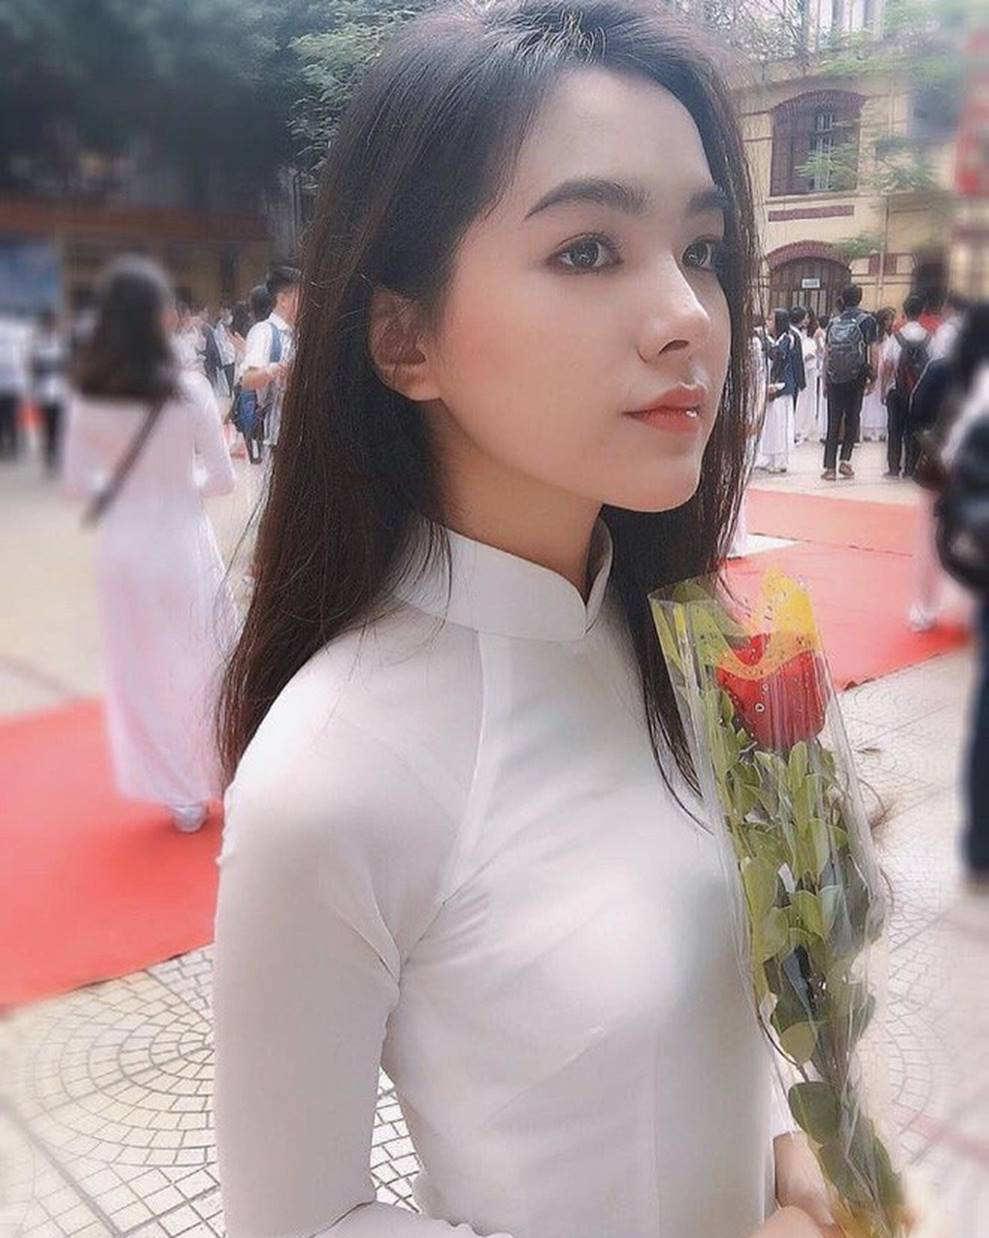 Truỵ tim với dàn hot girl đời mới của trường Báo: Vừa xinh, vừa giỏi, hứa hẹn soán ngôi đàn chị đình đám đi trước-8